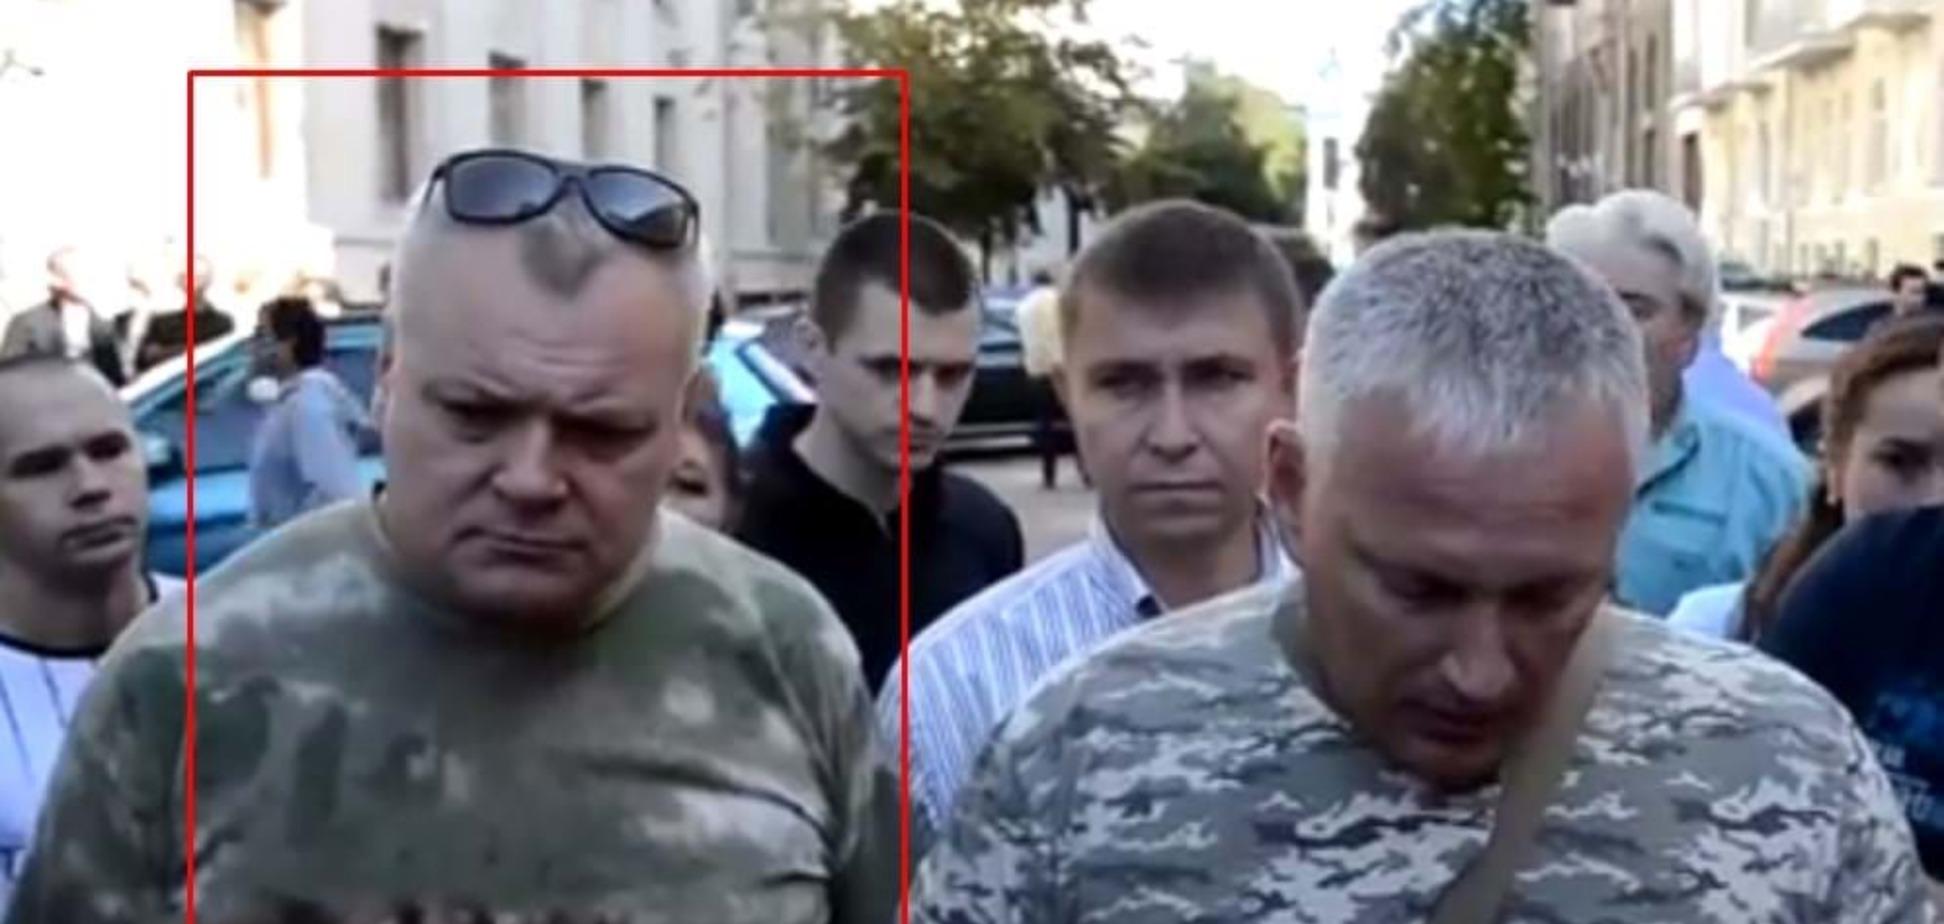 Зв'язки з криміналітетом і штурм Банкової: спливли цікаві деталі про 'помічника' Саакашвілі